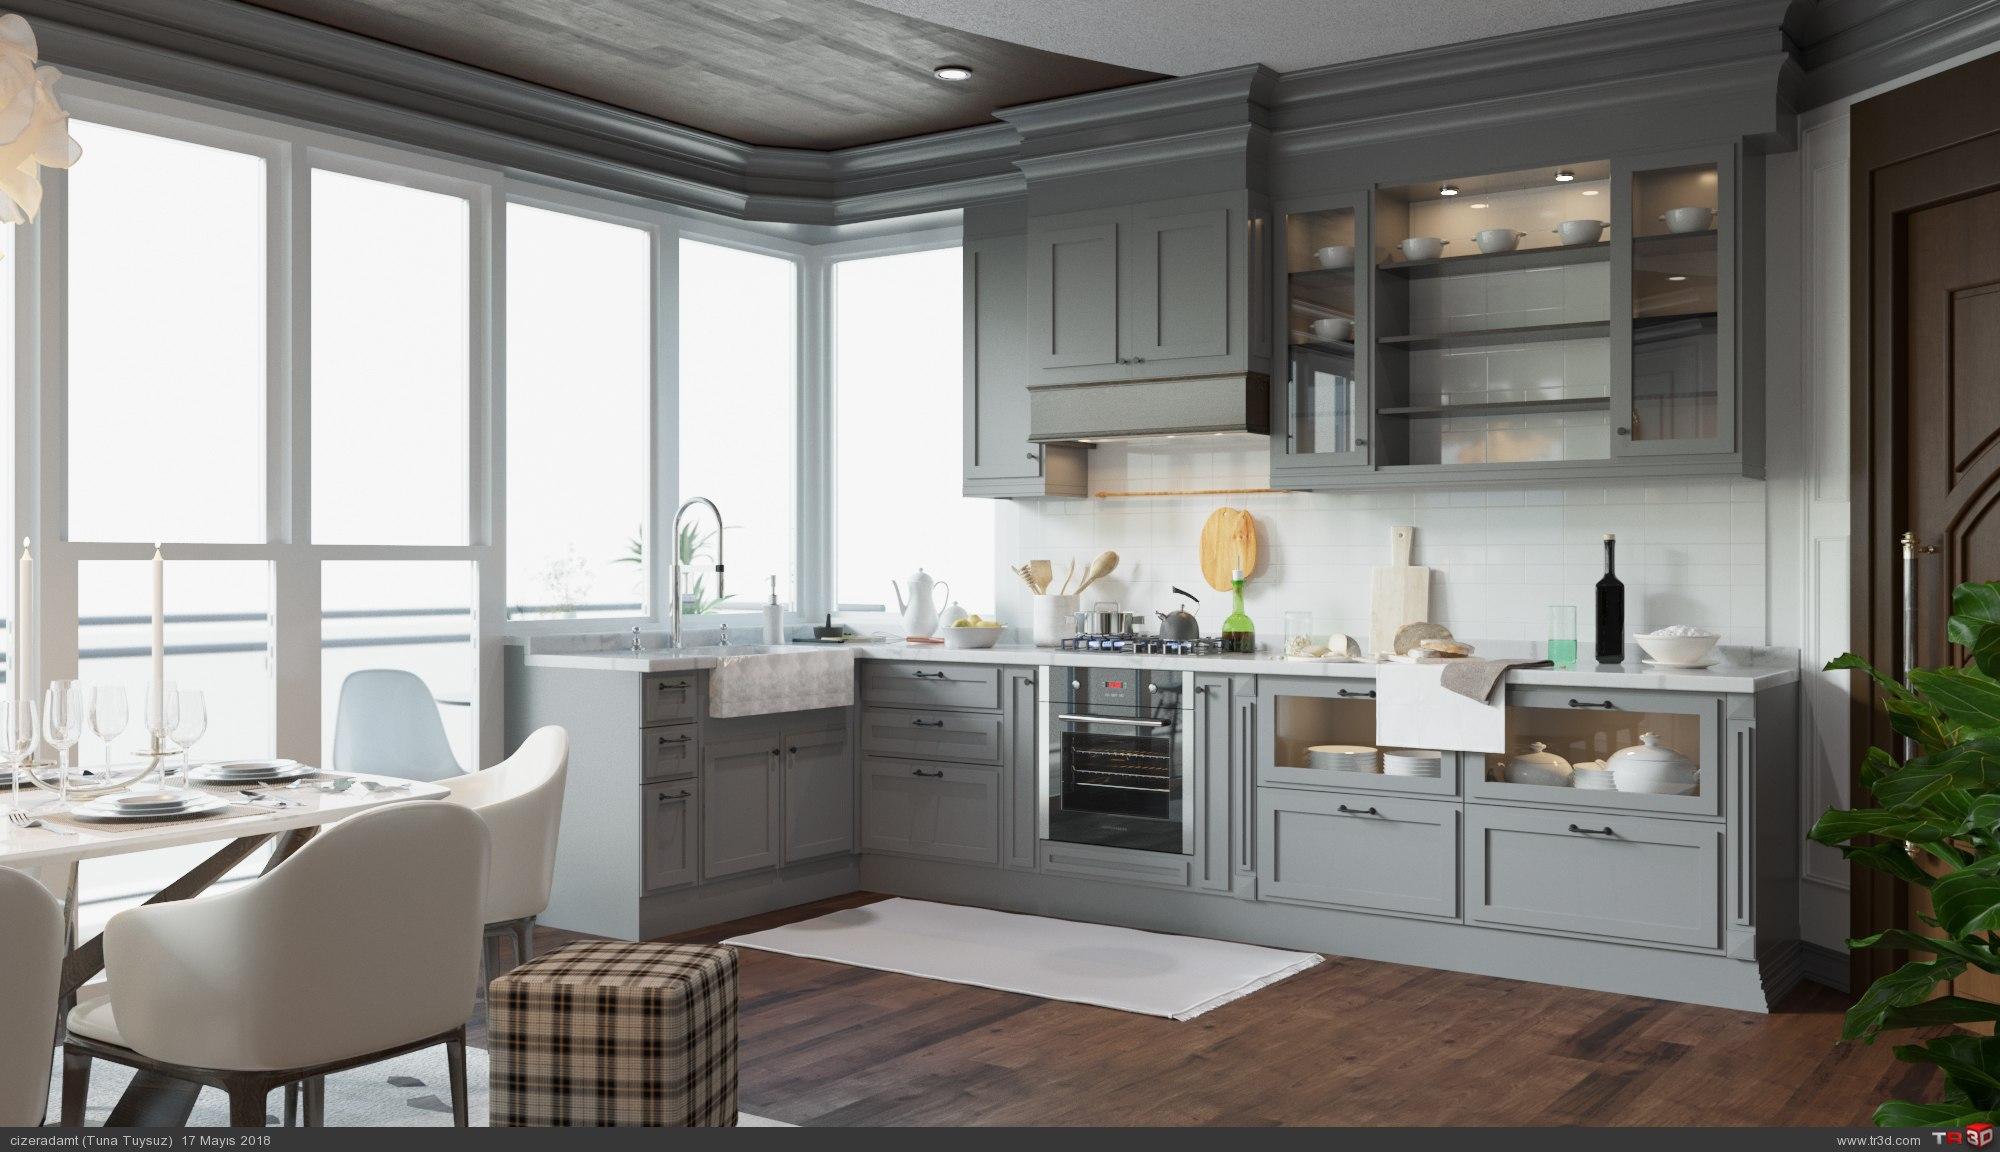 Mutfak Tasarımı 4